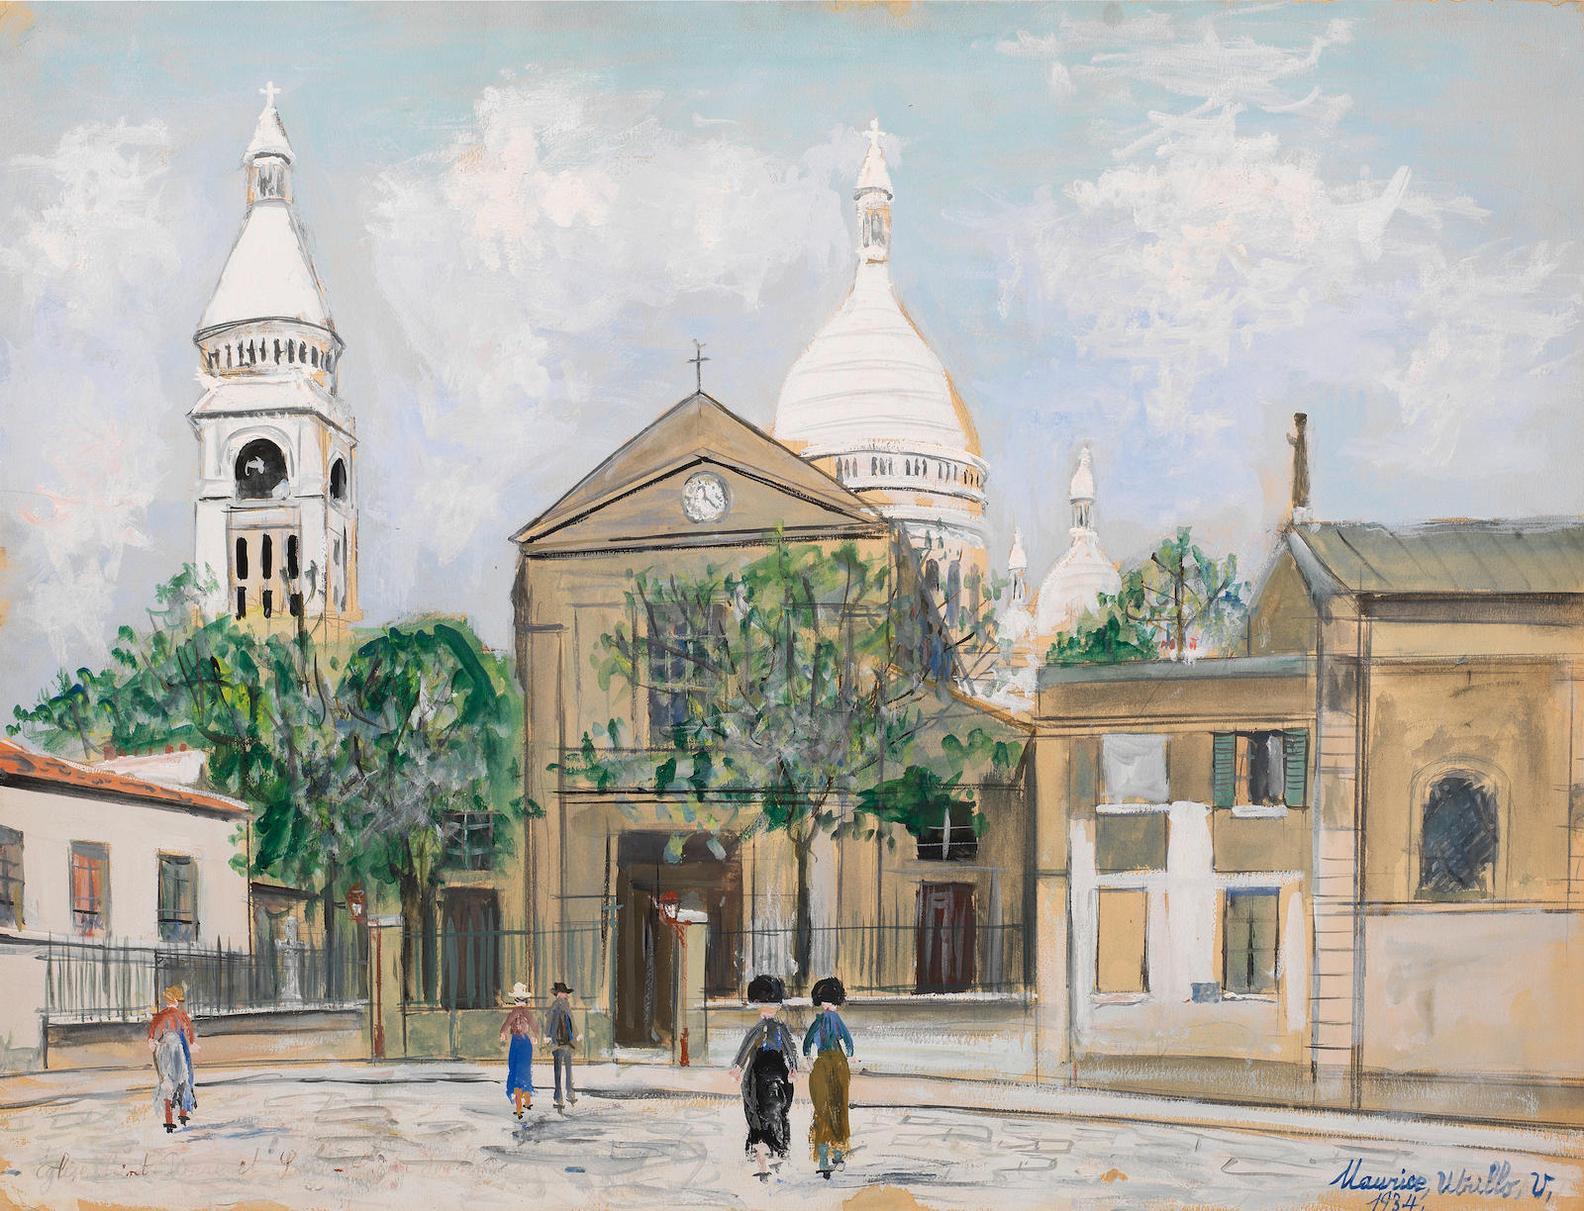 Maurice Utrillo-Leglise Saint-Pierre Et Le Sacre-Coeur De Montmartre-1934